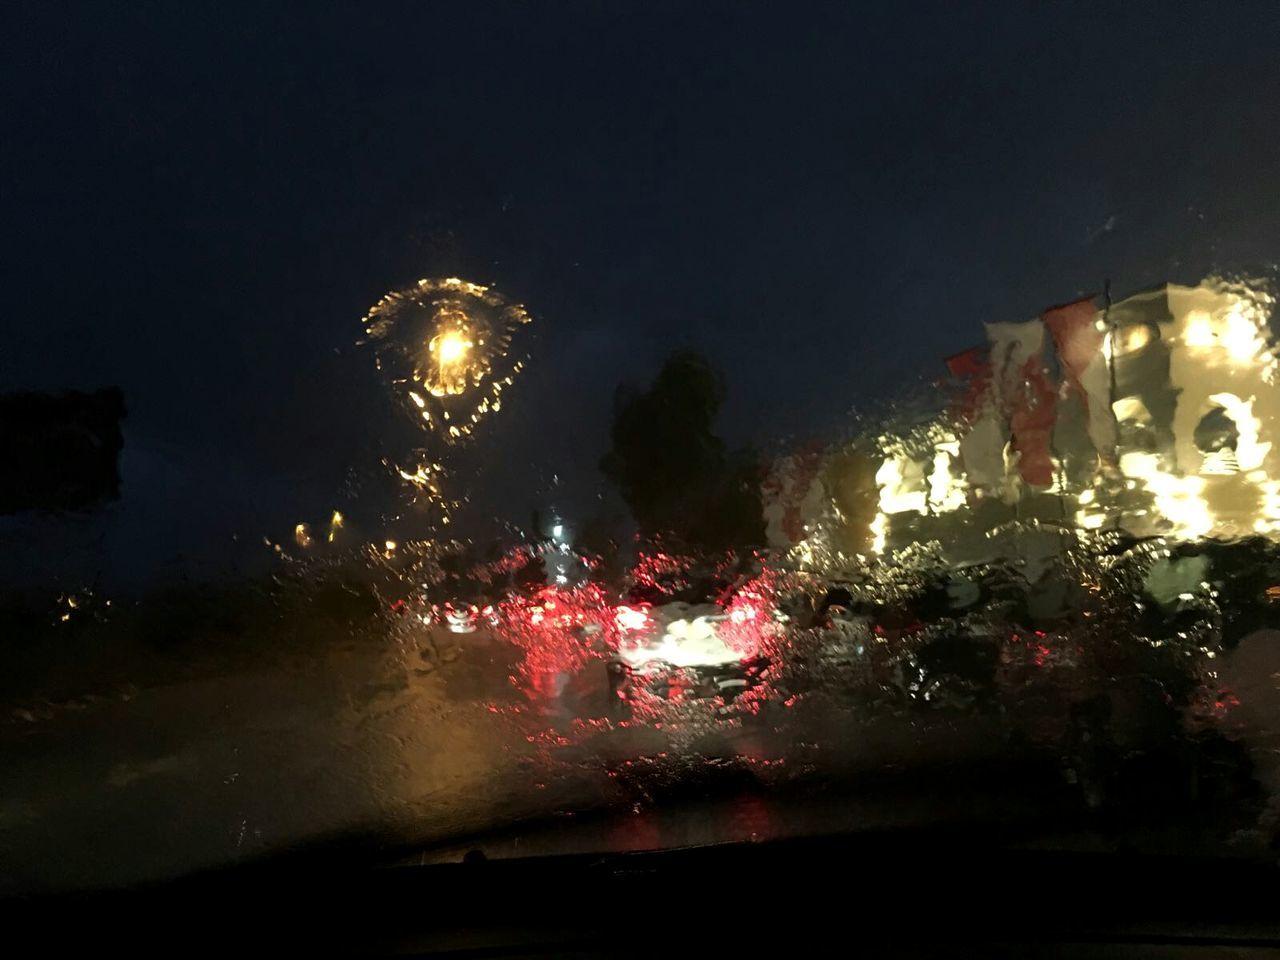 night, illuminated, car, celebration, no people, transportation, outdoors, land vehicle, architecture, sky